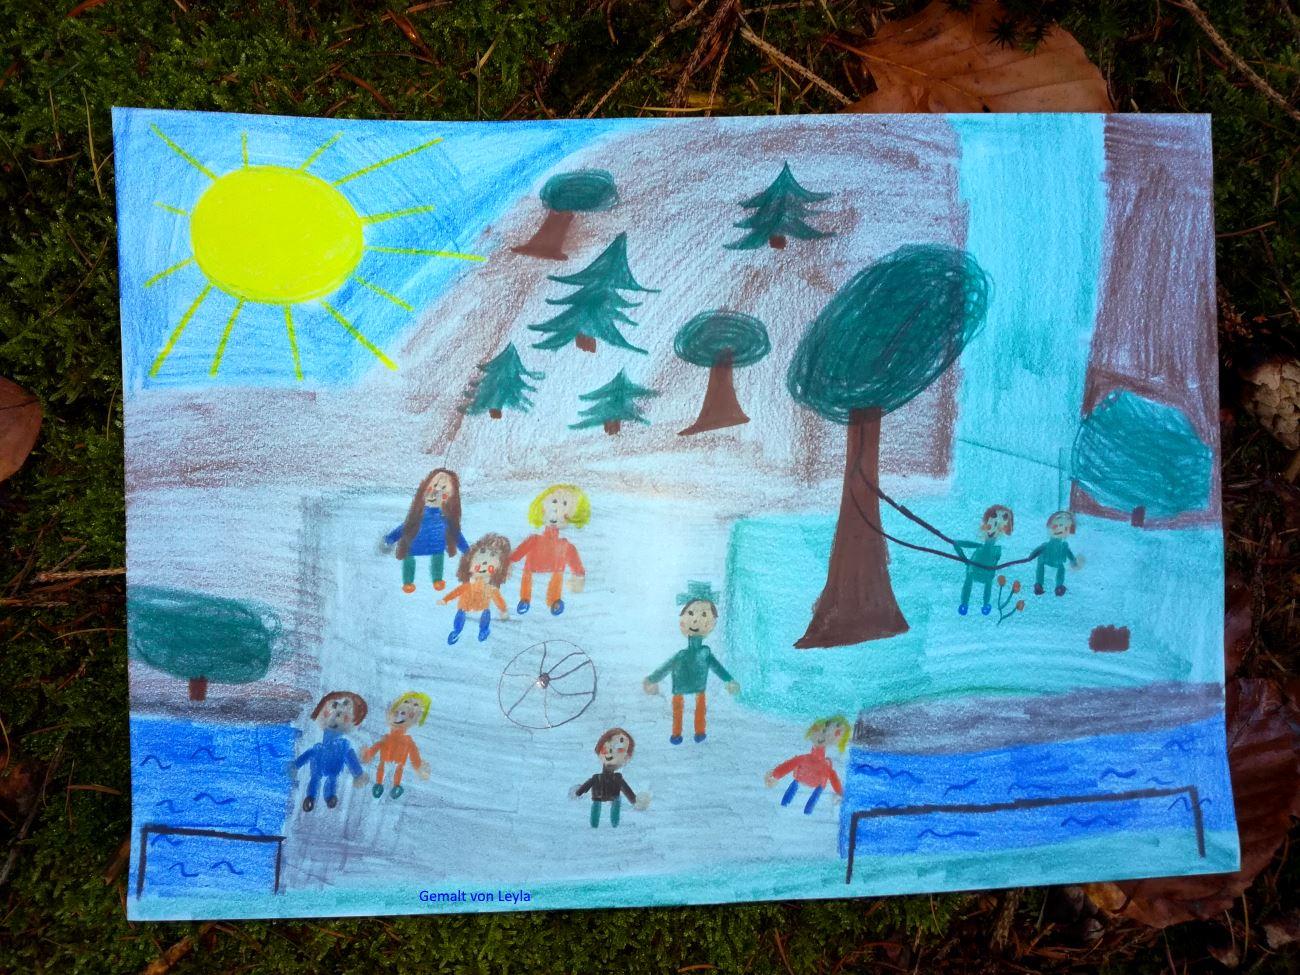 Bullerbachkinder auf der Brücke - gemalt von Leyla